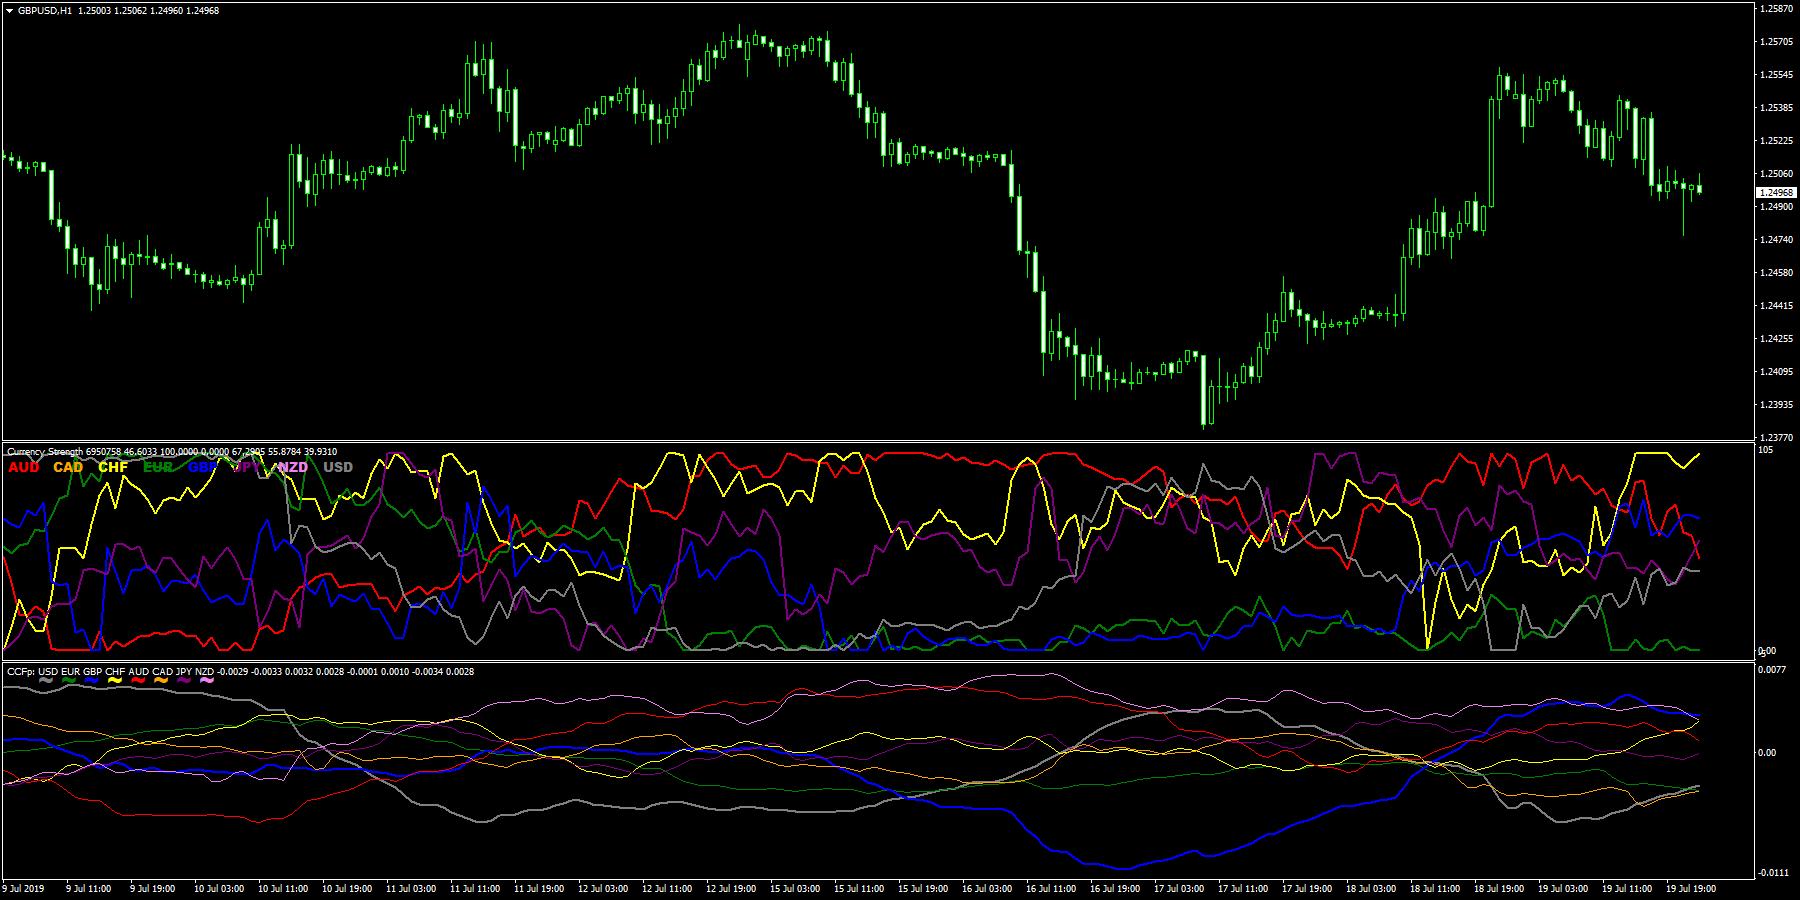 主要5通貨の強弱ライン CurrencyStrengthNoMA と old CCFp & alerts の比較